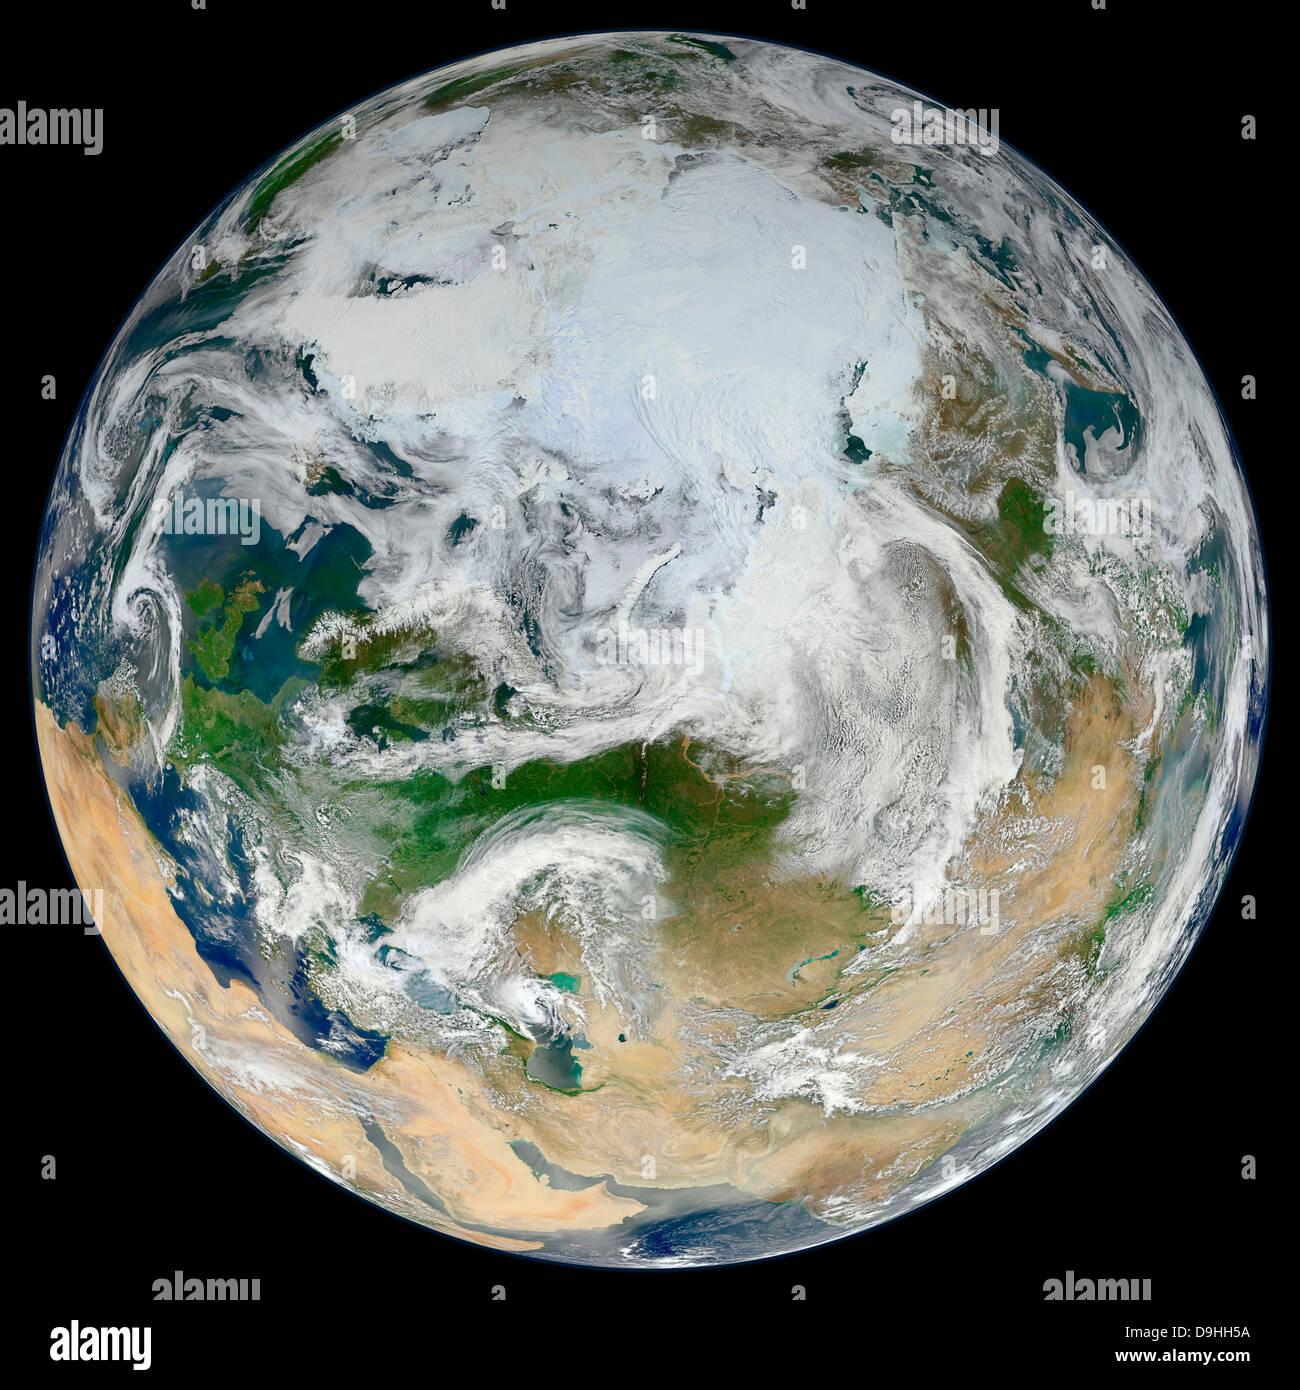 Una visión sintetizada de la Tierra mostrando el Ártico, Europa y Asia. Imagen De Stock